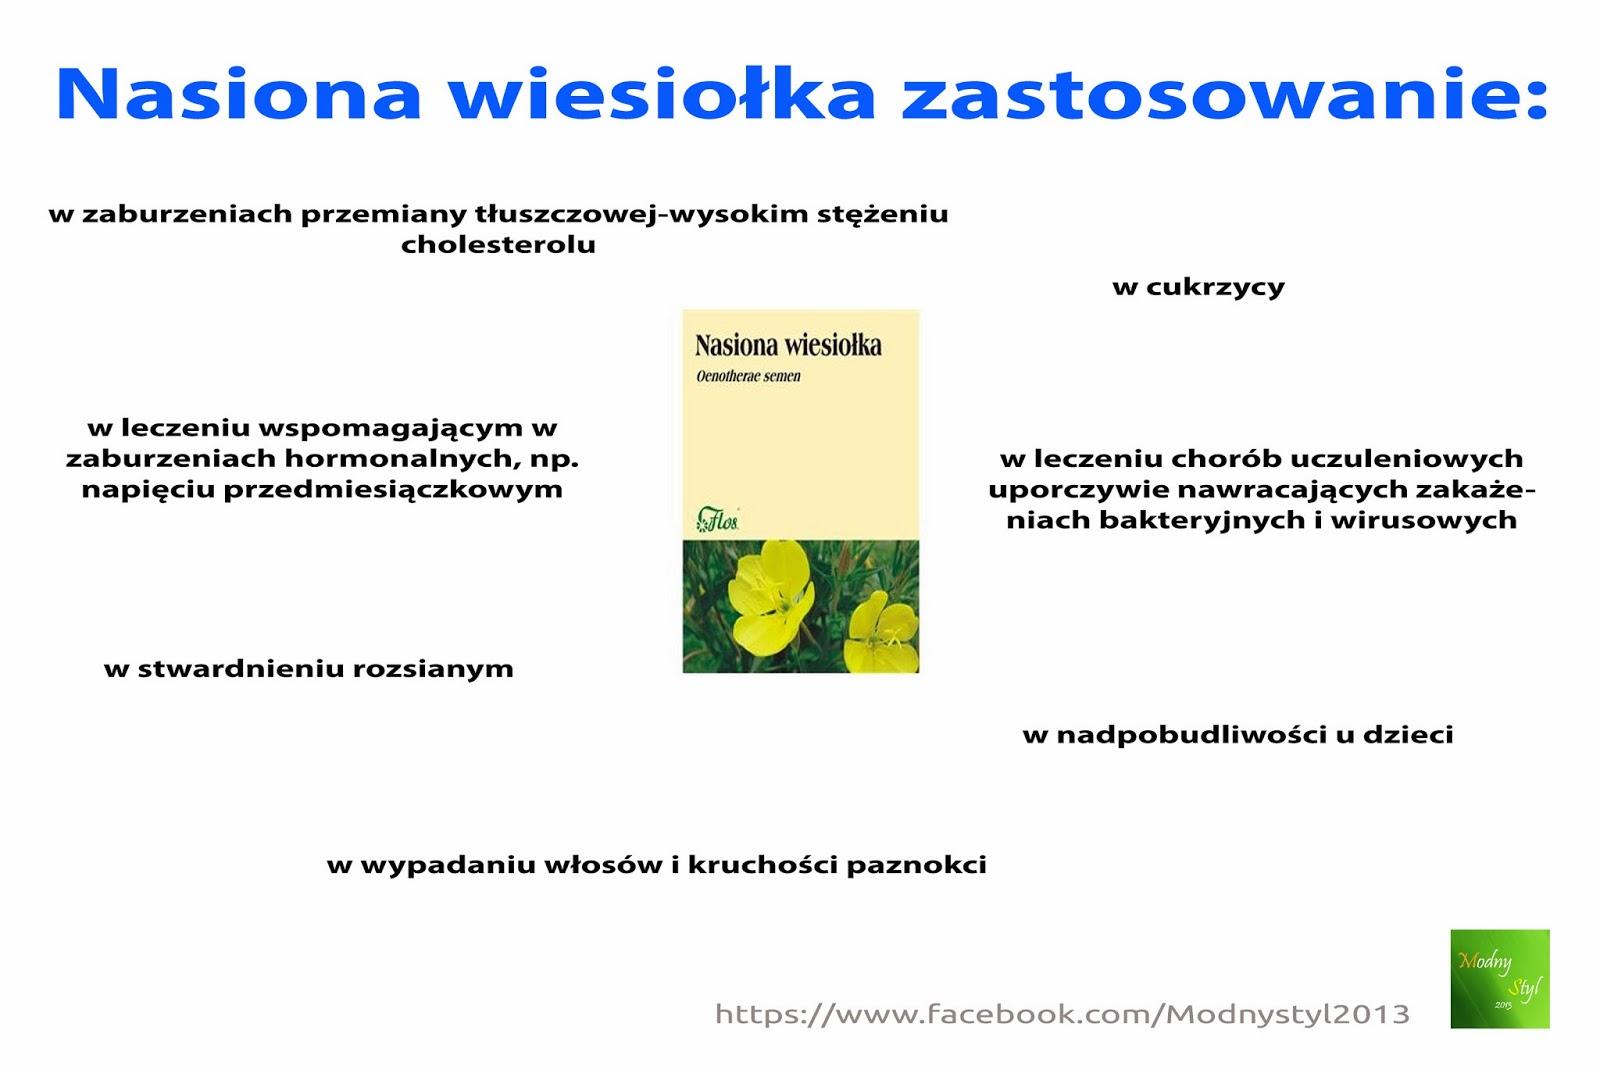 Nasiona wiesiołka i ich zastosowanie